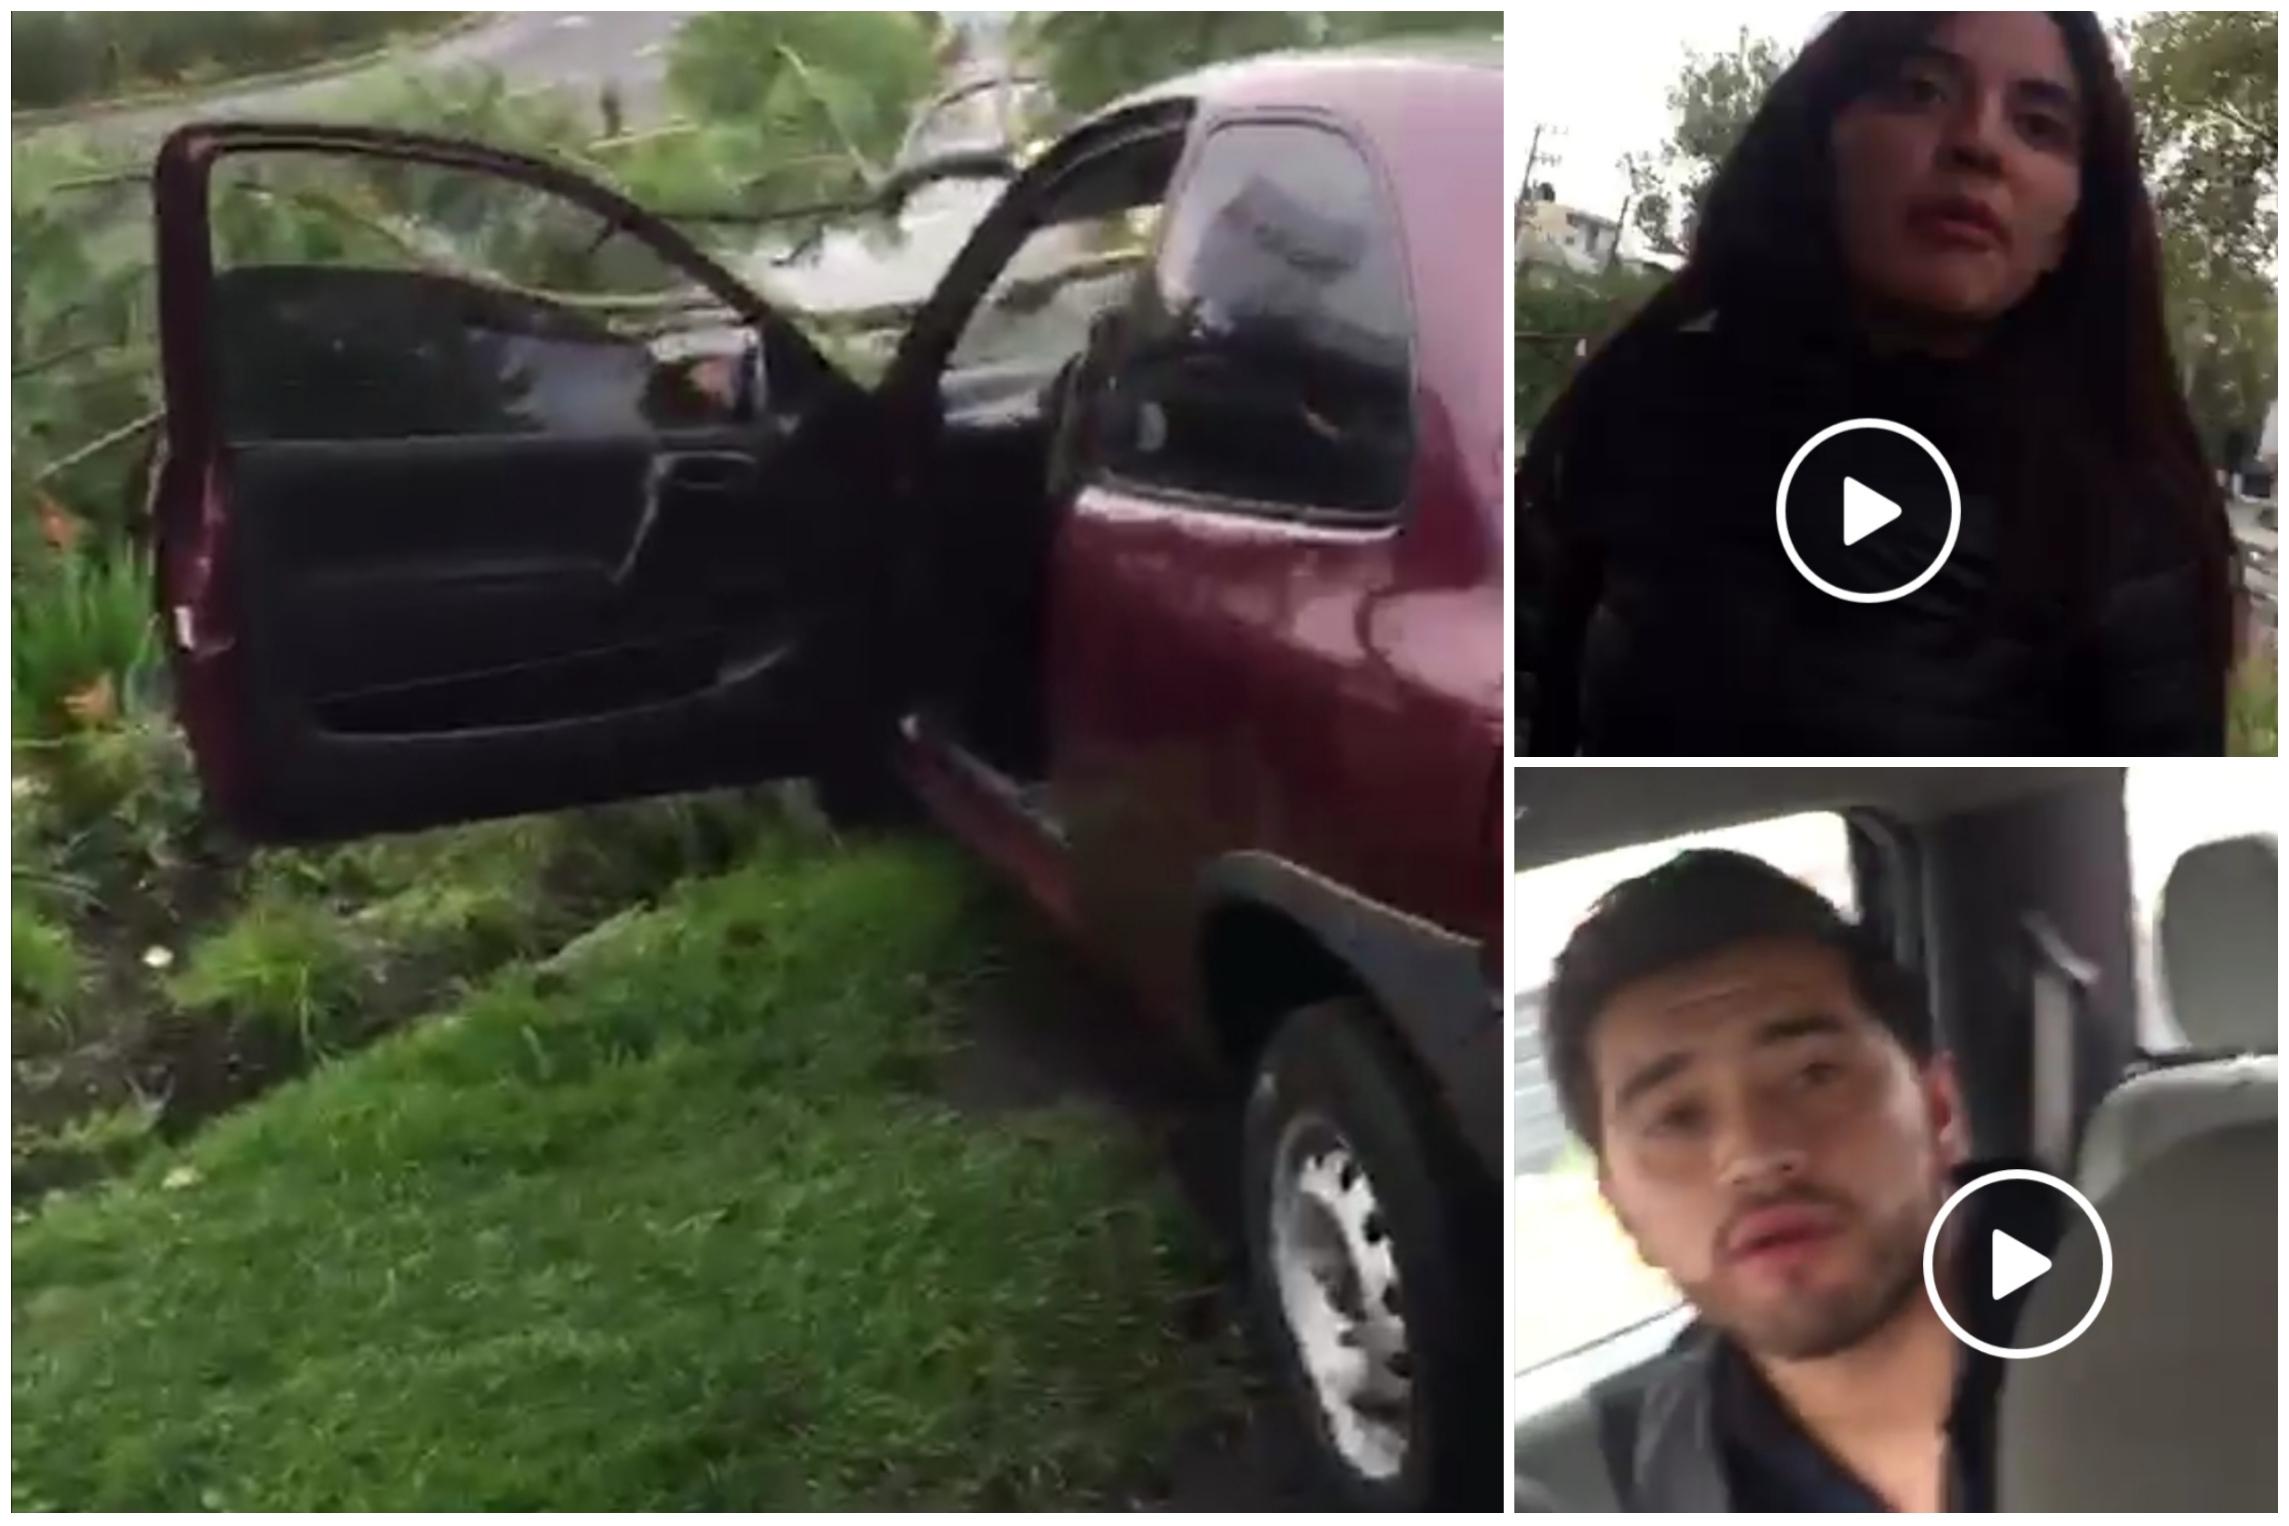 Ayer por la mañana un automovilista presuntamente ebrio casi arrolla a un ciclista y termina chocando su auto por exceso de velocidad.